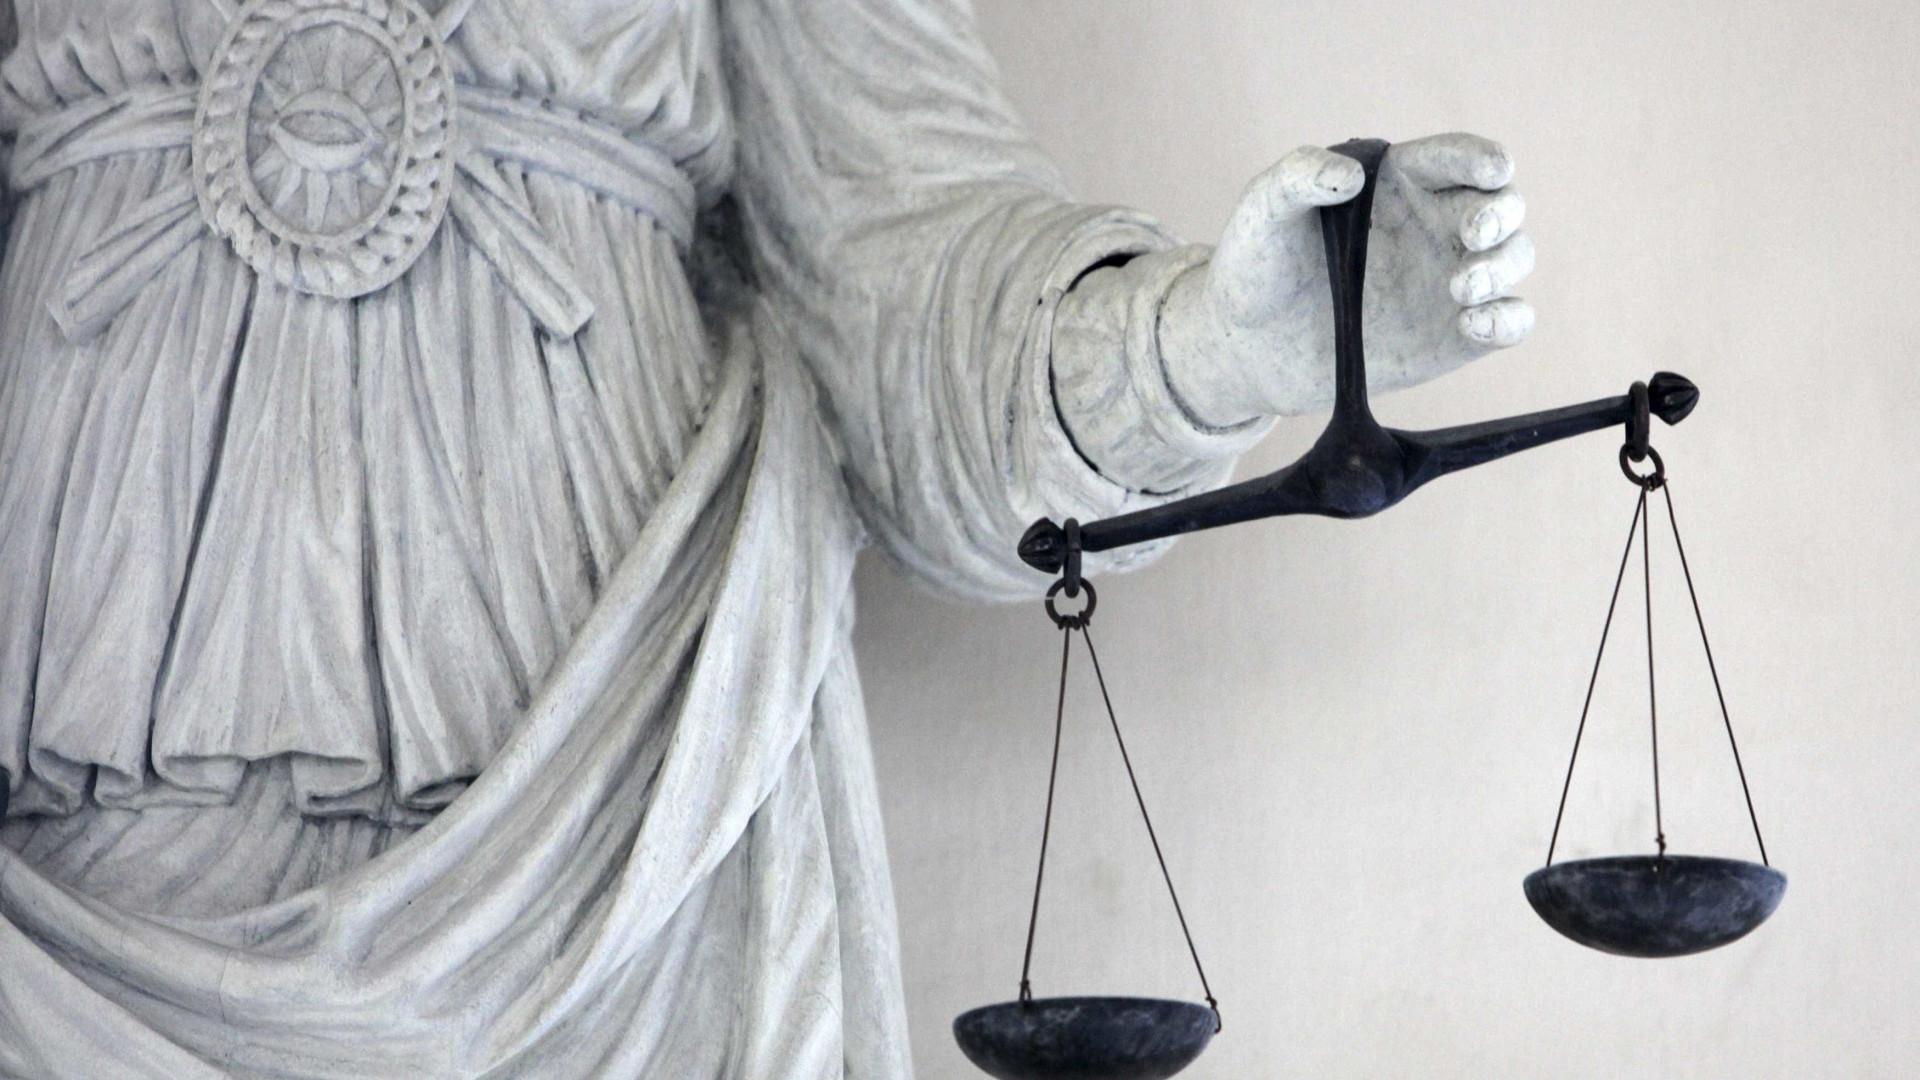 Tribunal suspende horário de 40 horas em 13 câmaras de Coimbra